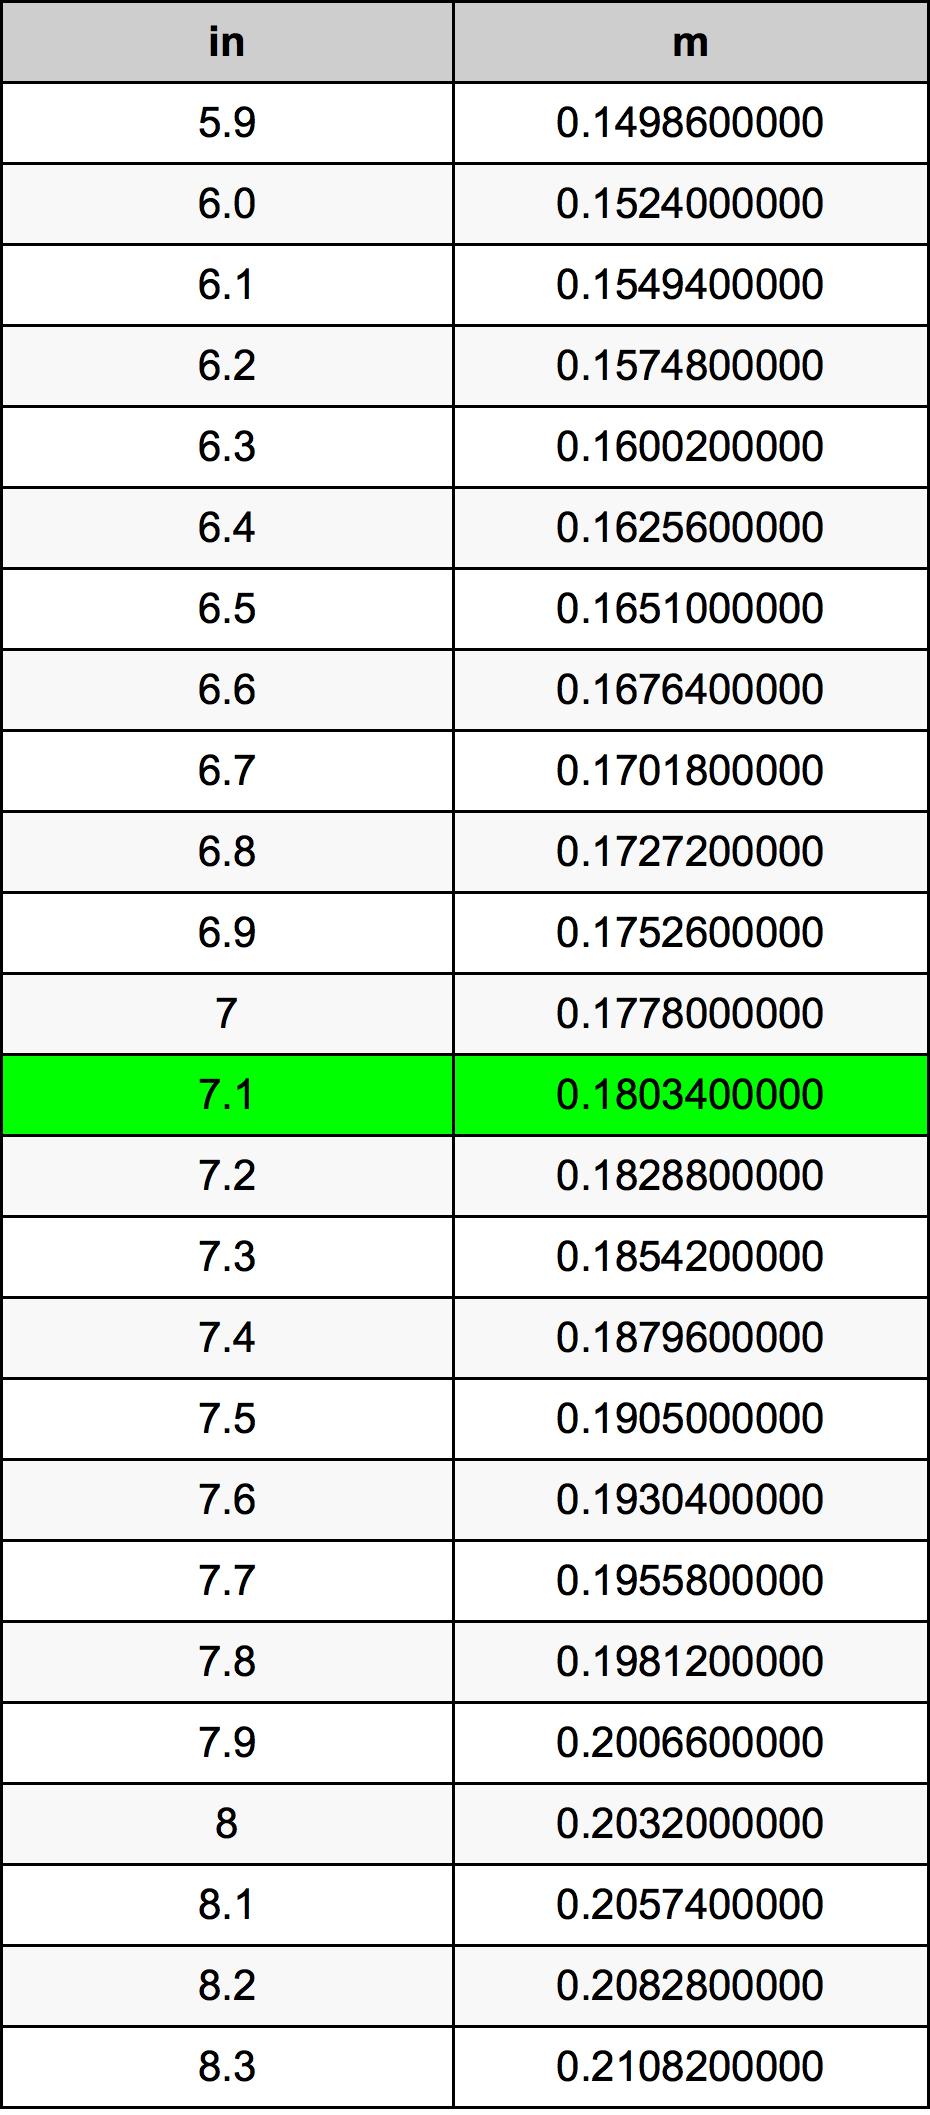 7.1 ίντσα Πίνακας Μετατροπής